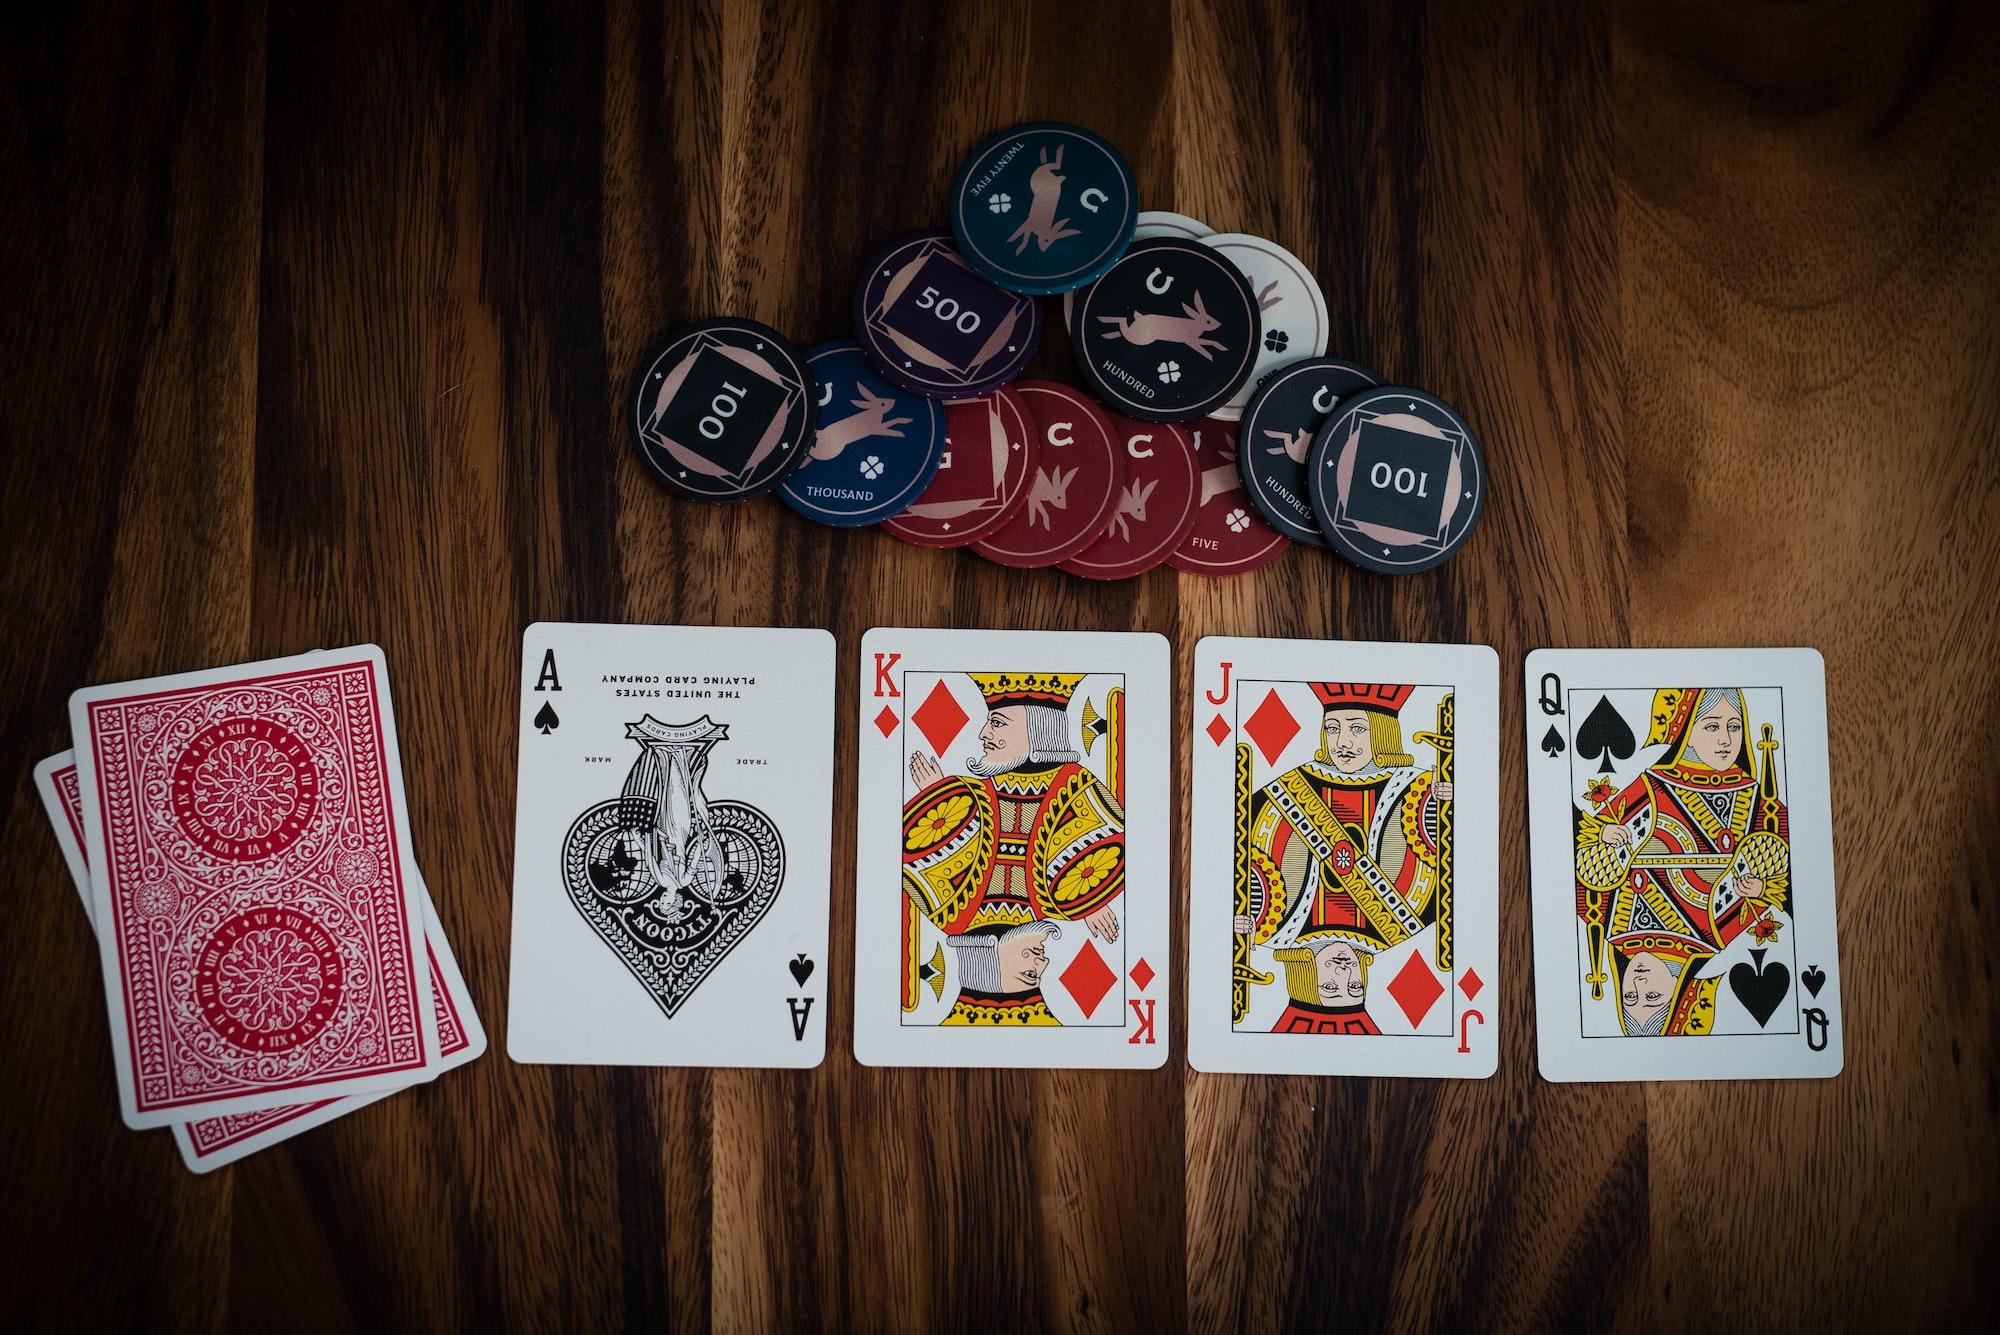 Pokerde Ortaya Konulması Zorunlu Para Bulmaca Anlamı Nedir?